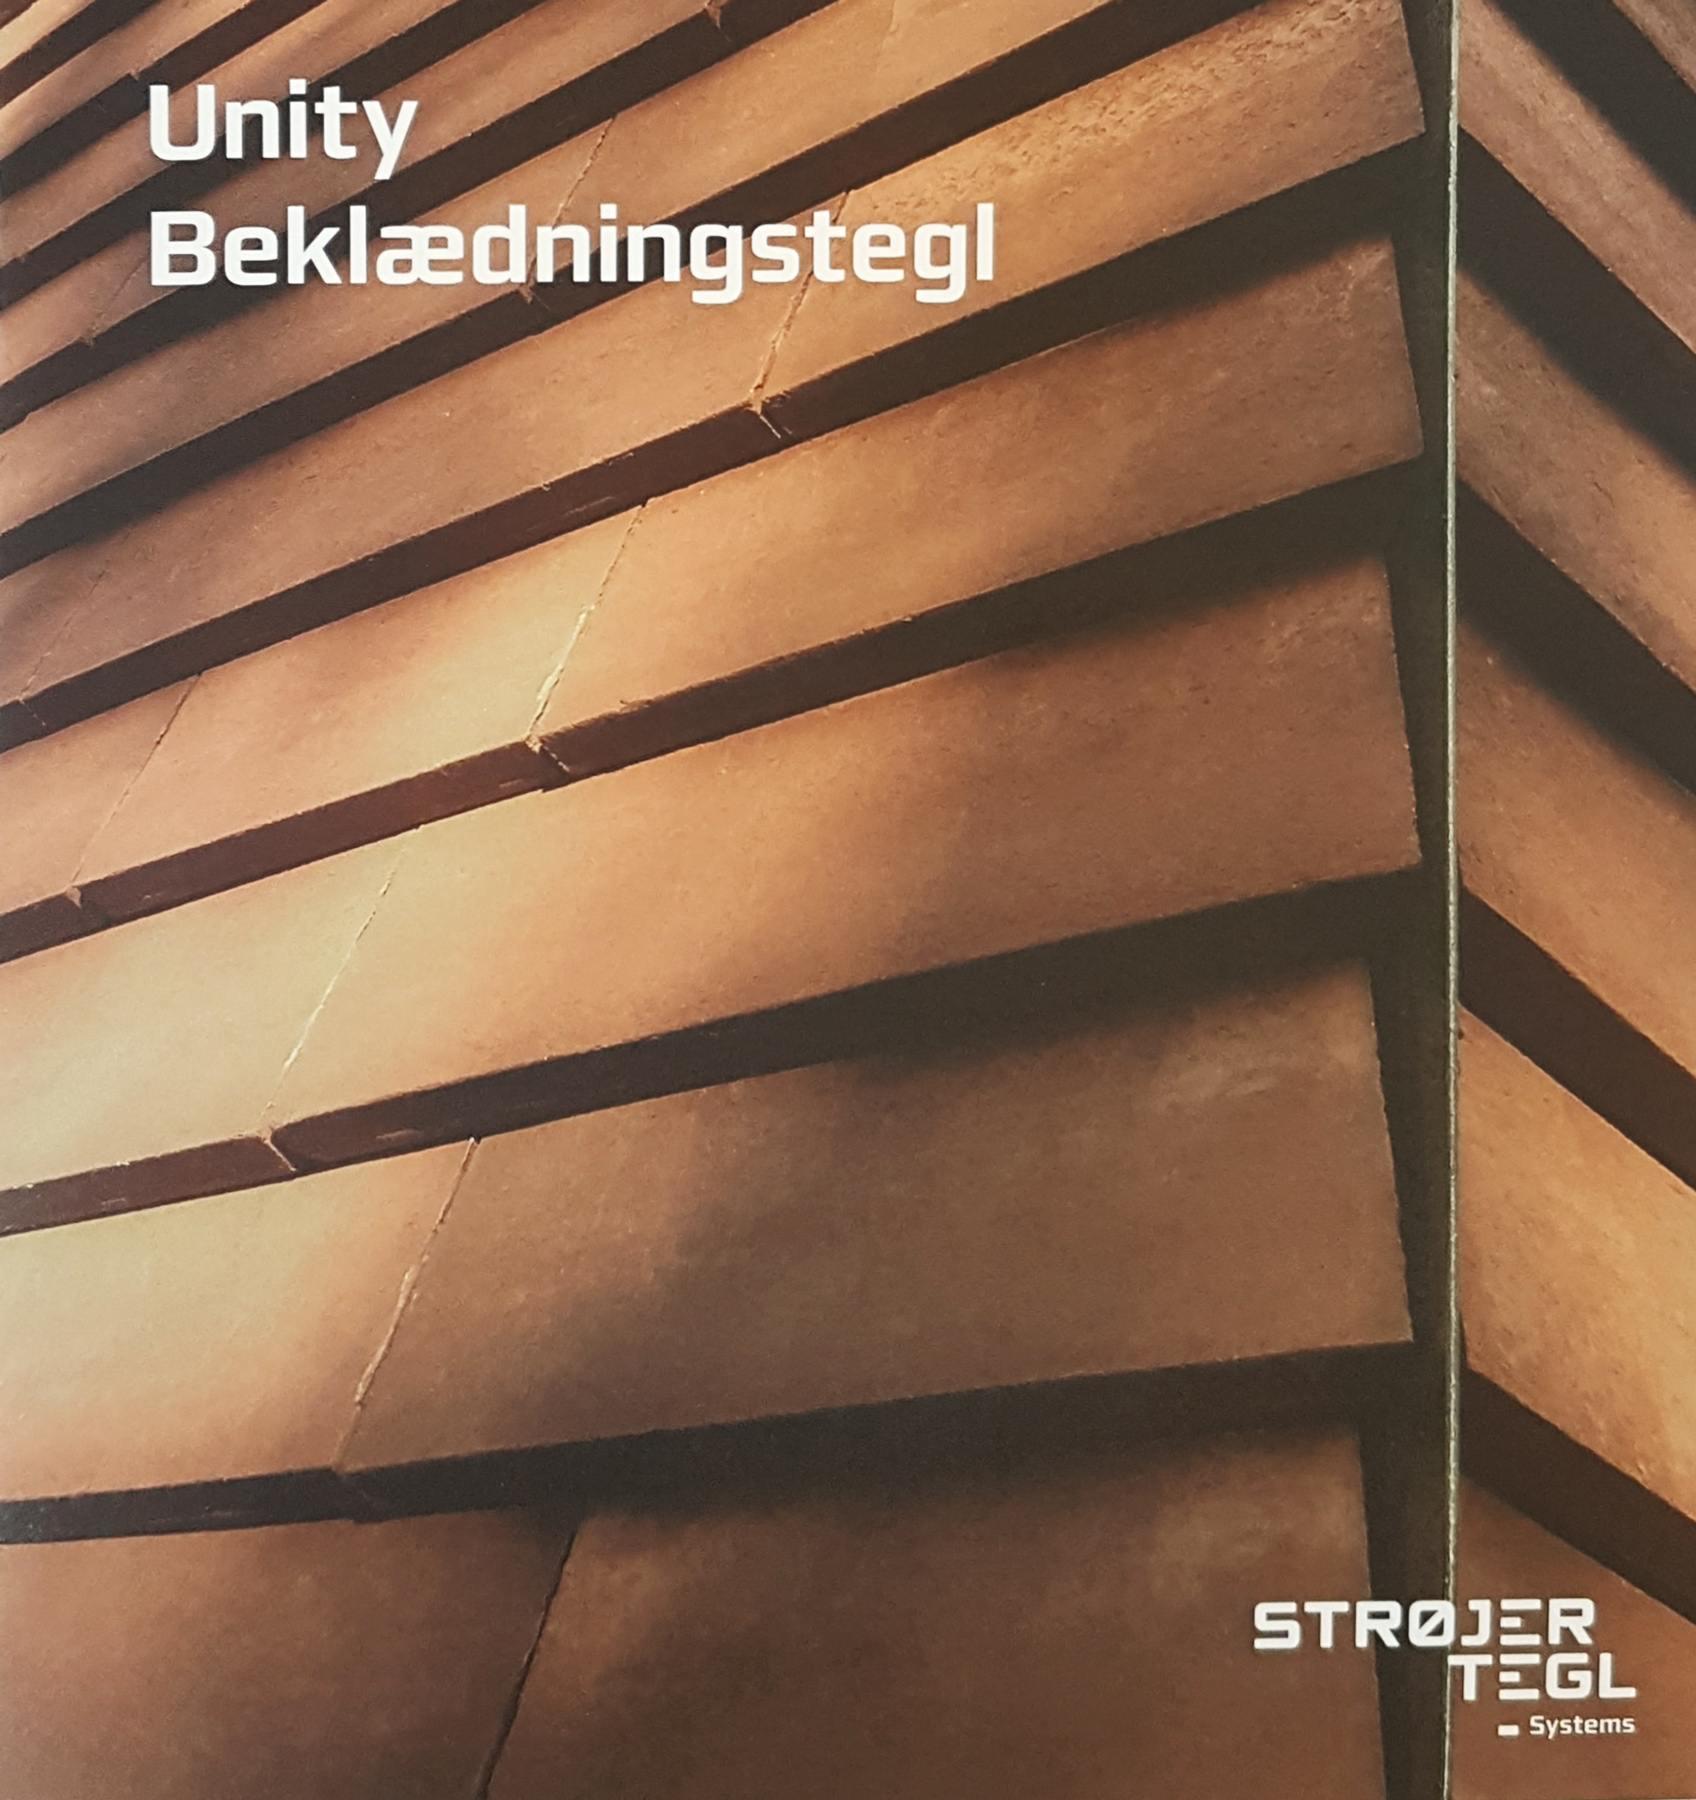 Strøjer-Tegl-Hansen-ONV-arkitekter-ophængt-tegl-unity-beklædningstegl